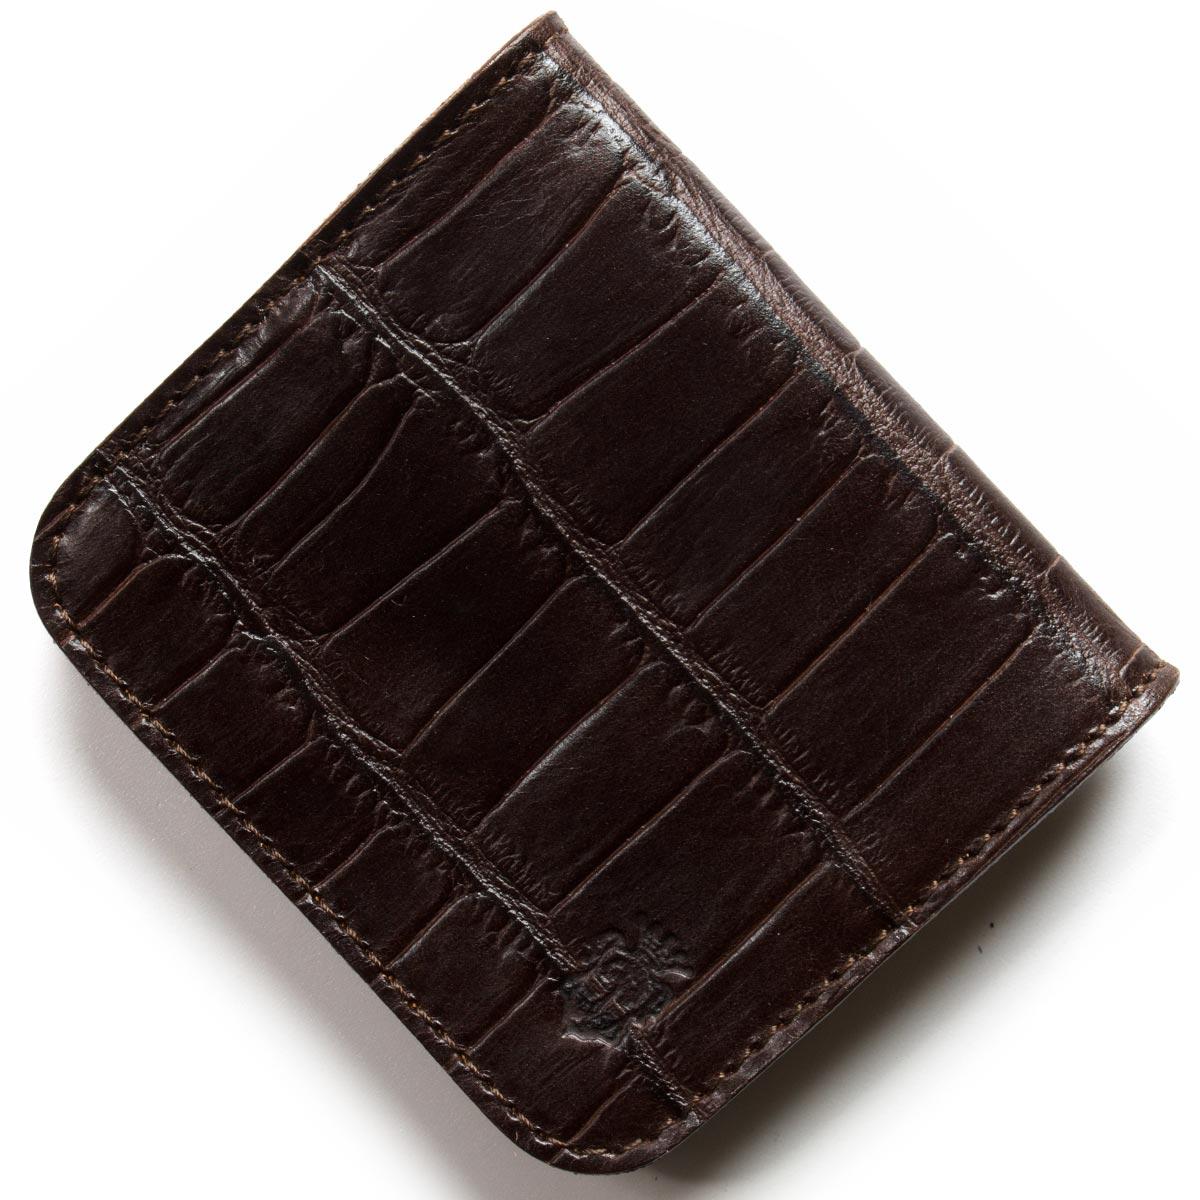 フェリージ コインケース【小銭入れ】 財布 メンズ クロコ型押し モロダークブラウン 914 SA 0002 FELISI